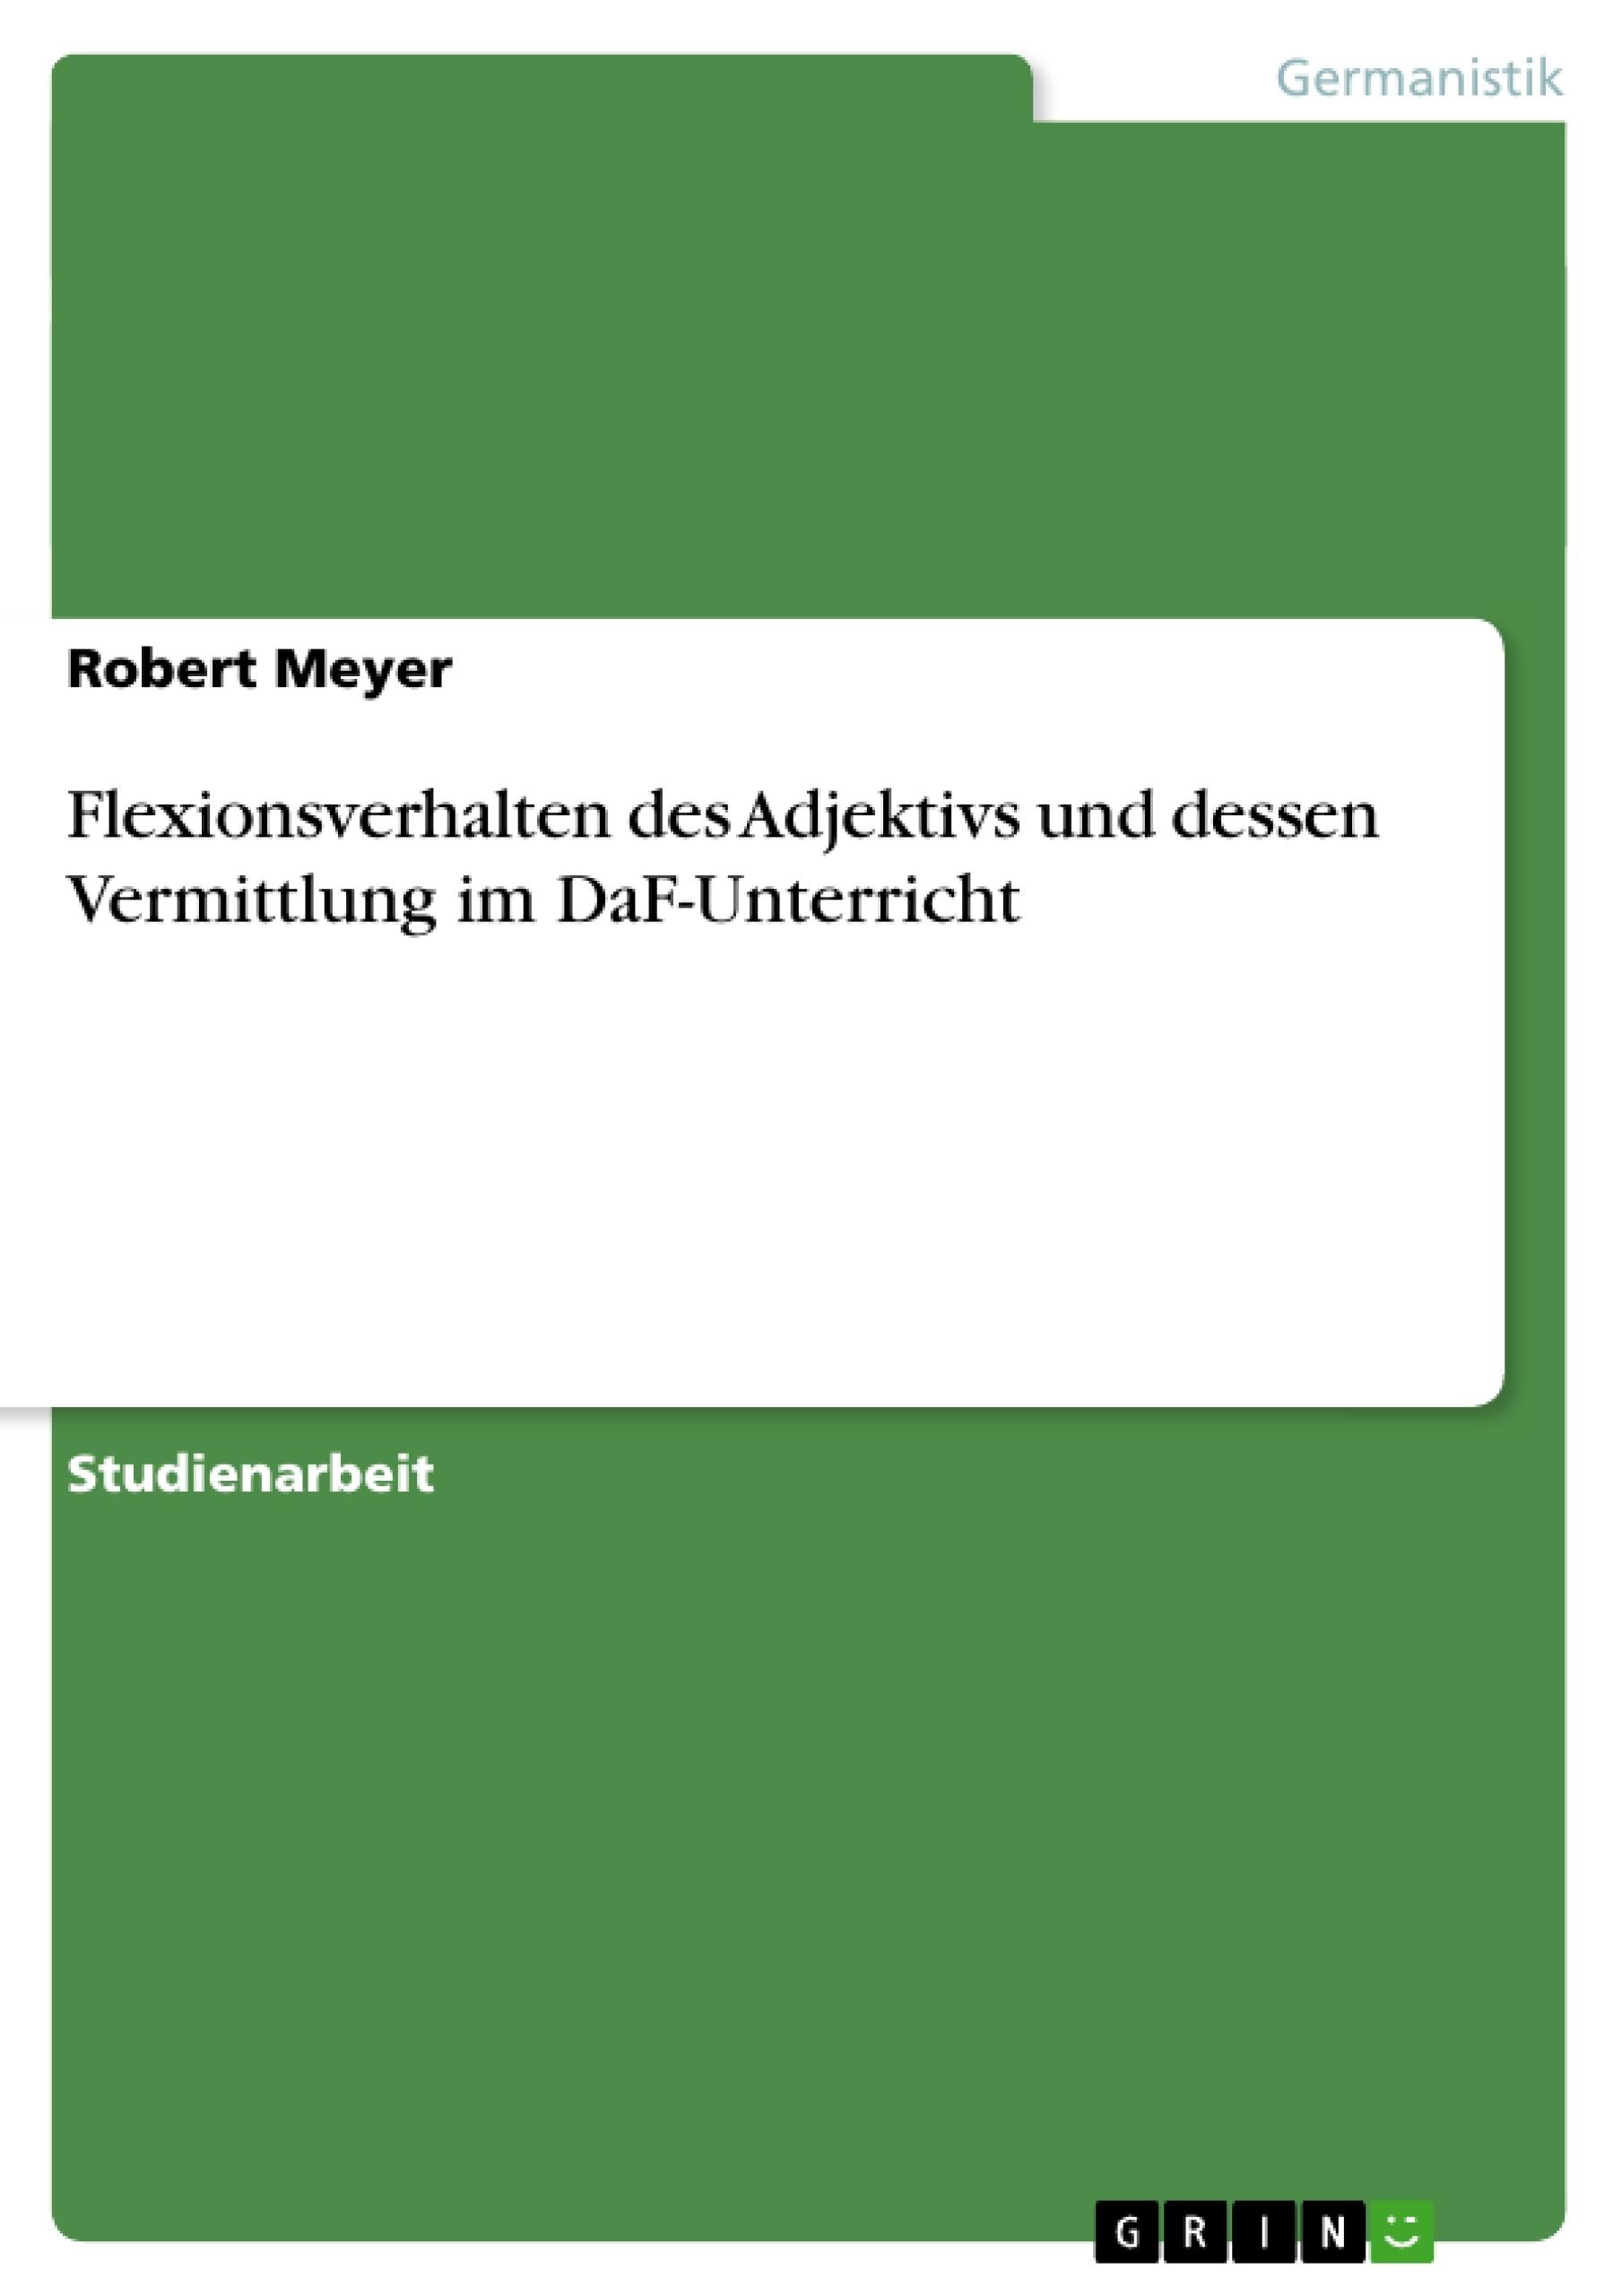 Titel: Flexionsverhalten des Adjektivs und dessen Vermittlung im DaF-Unterricht